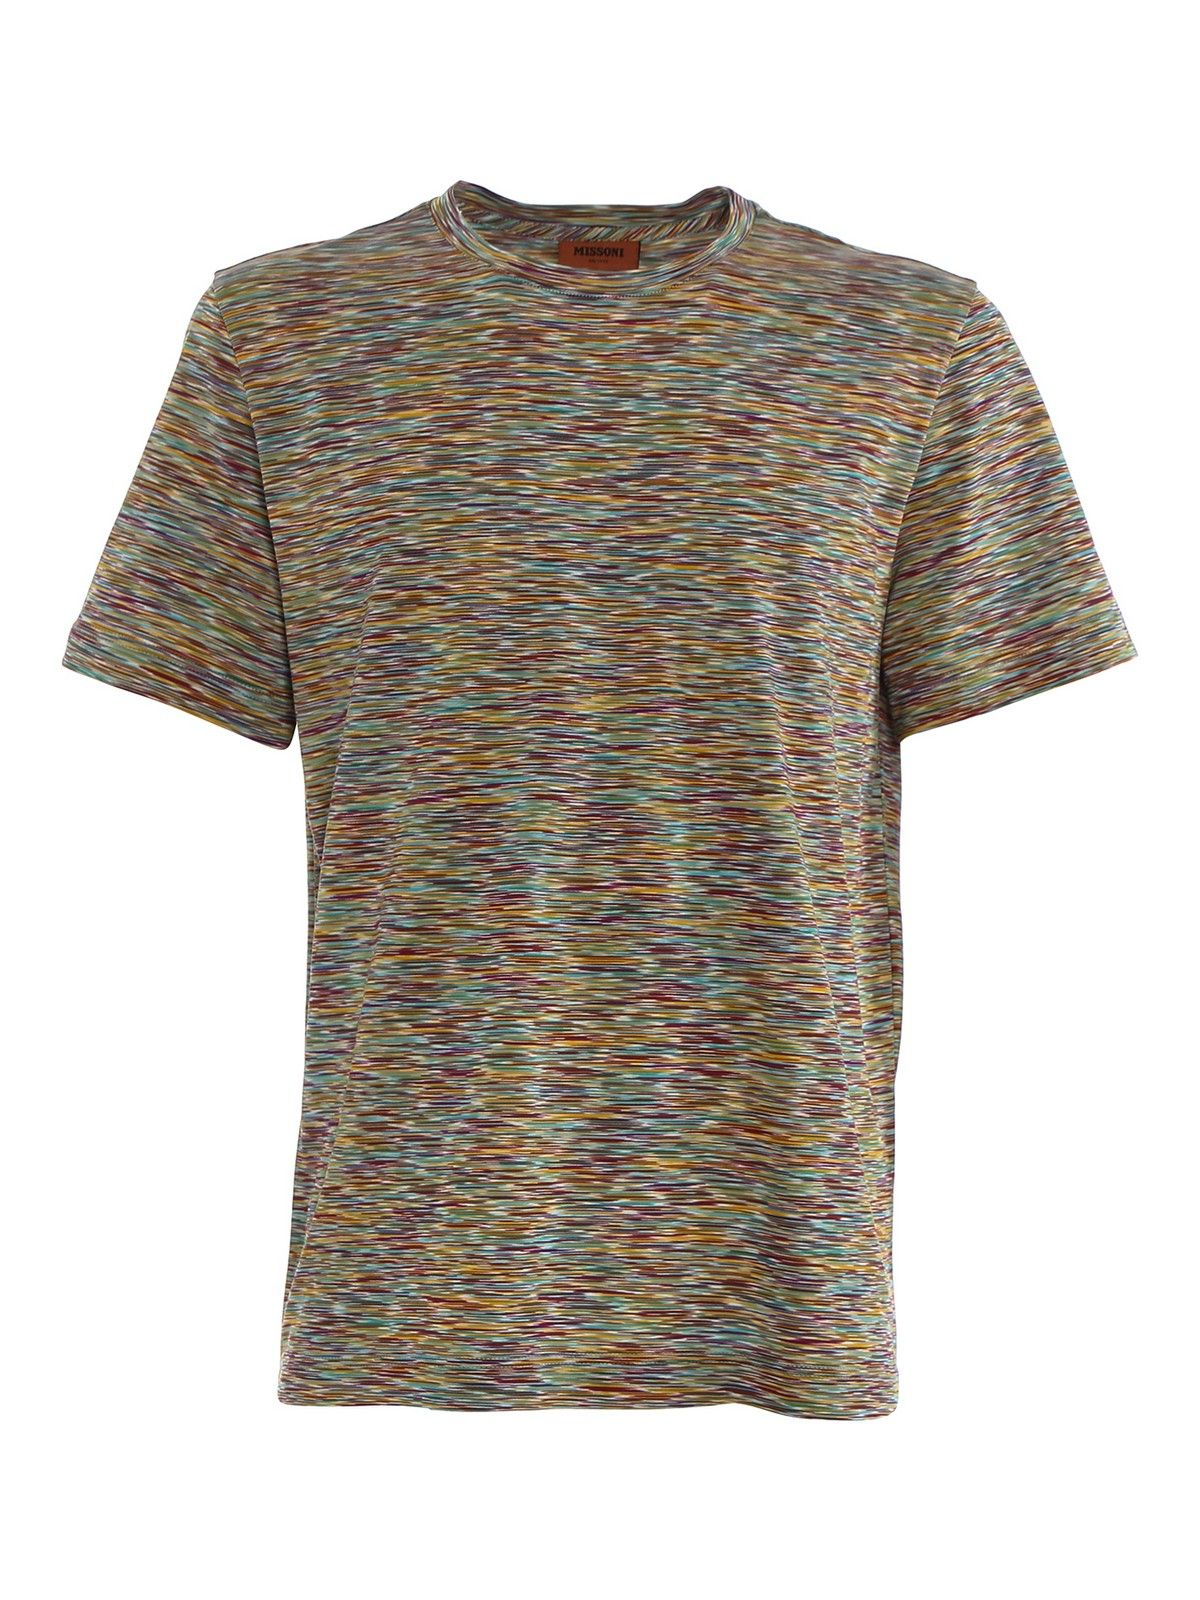 Missoni T-shirts MISSONI MEN'S MULTICOLOR COTTON T-SHIRT